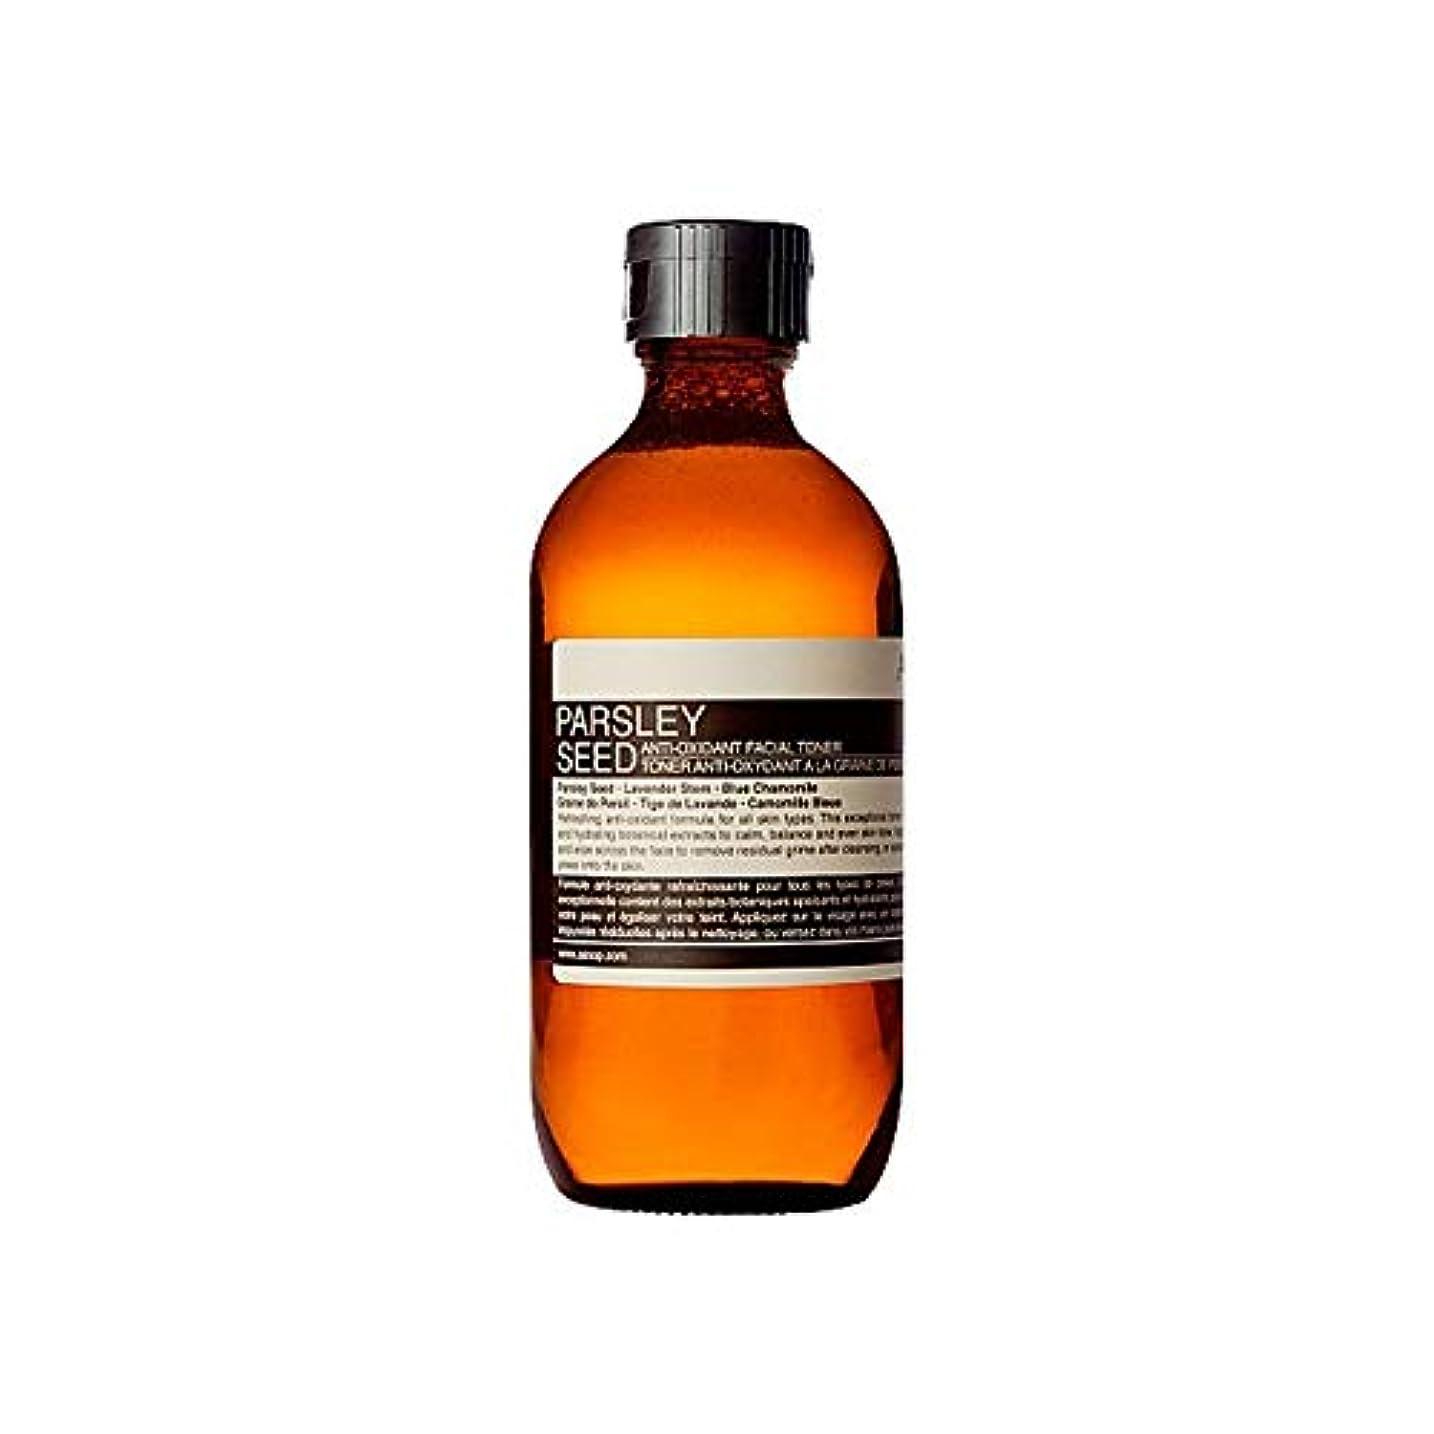 乱暴な必要とするバスルーム[Aesop] イソップのパセリシード抗酸化フェイシャルトナー200ミリリットル - Aesop Parsley Seed Antioxidant Facial Toner 200ml [並行輸入品]